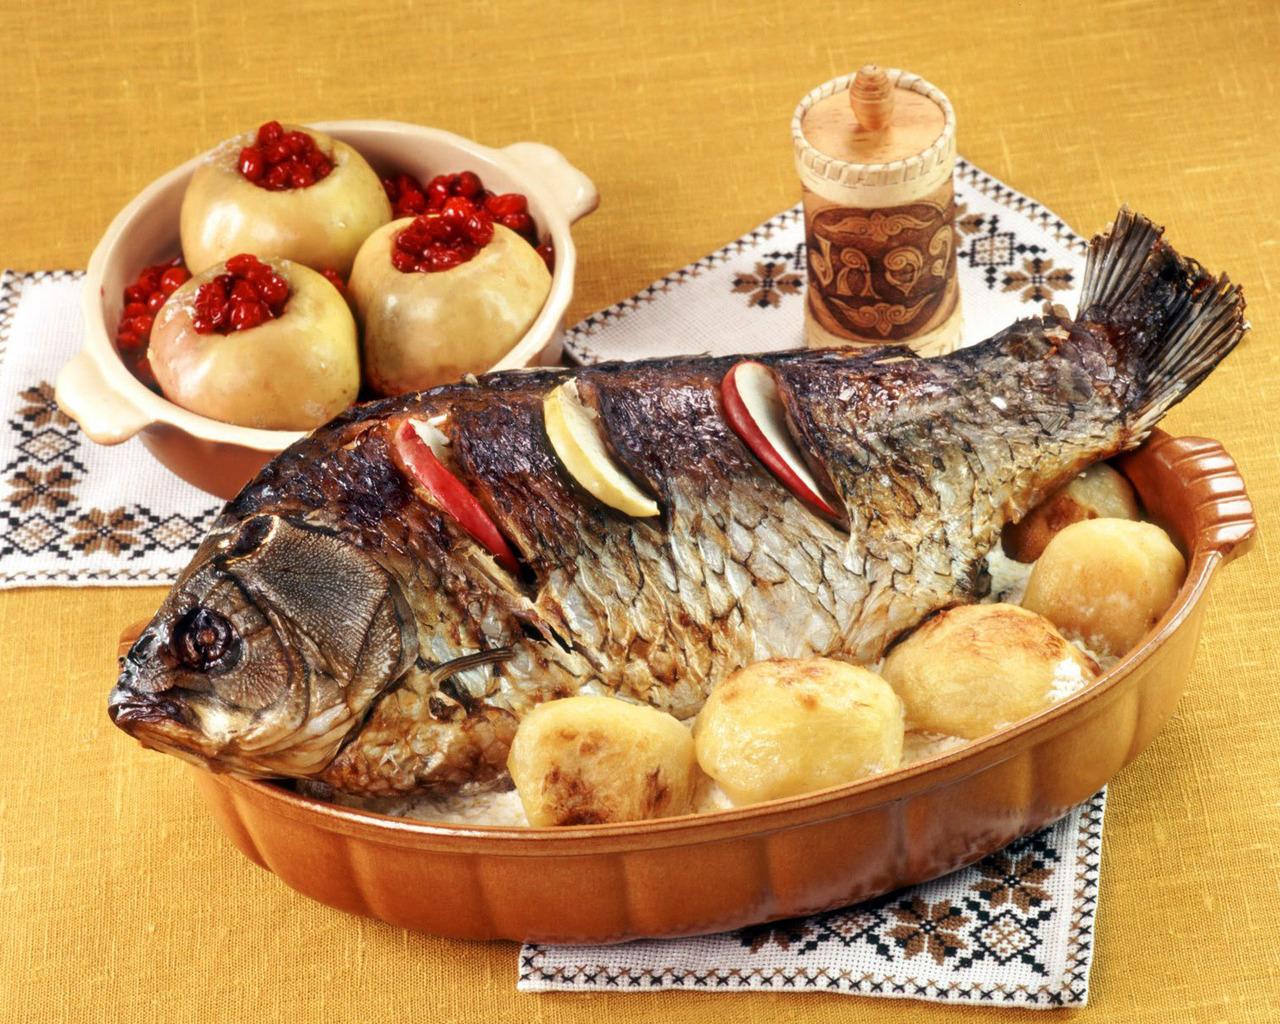 Что можно приготовить из рыбы? (4 рецепта)